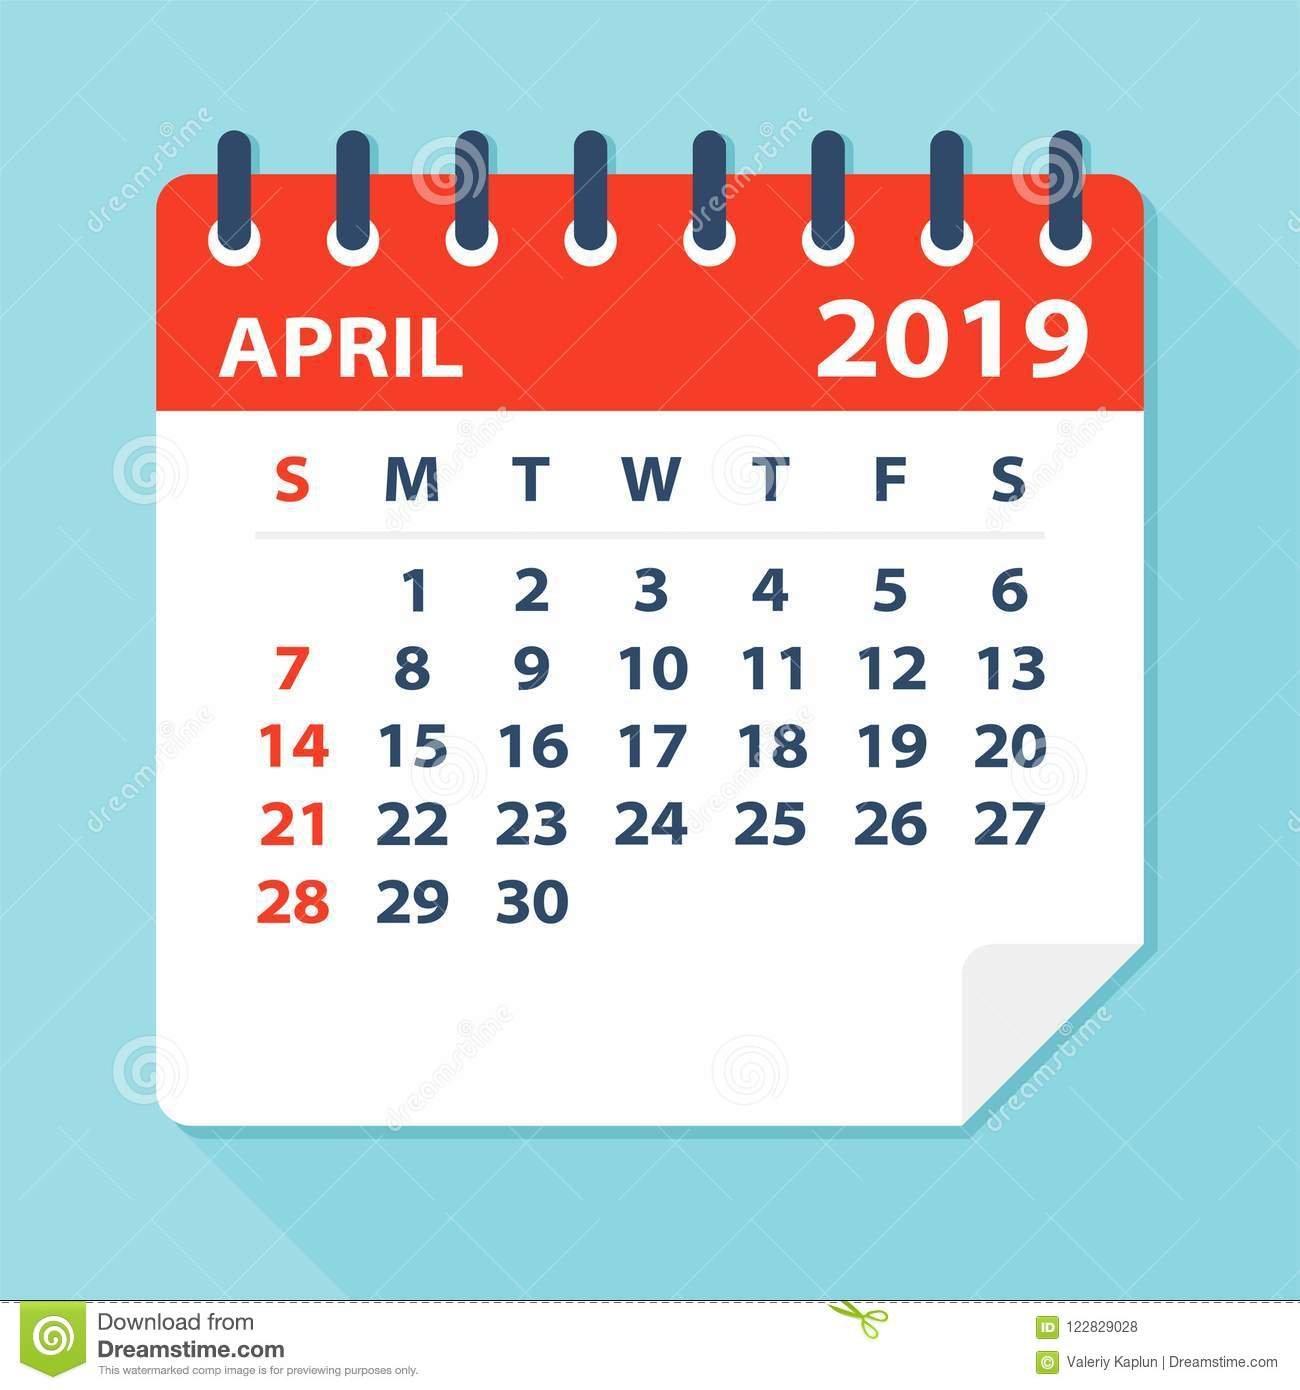 April 2019 Calendar Leaf – Vector Illustration Stock Illustration April 7 2019 Calendar